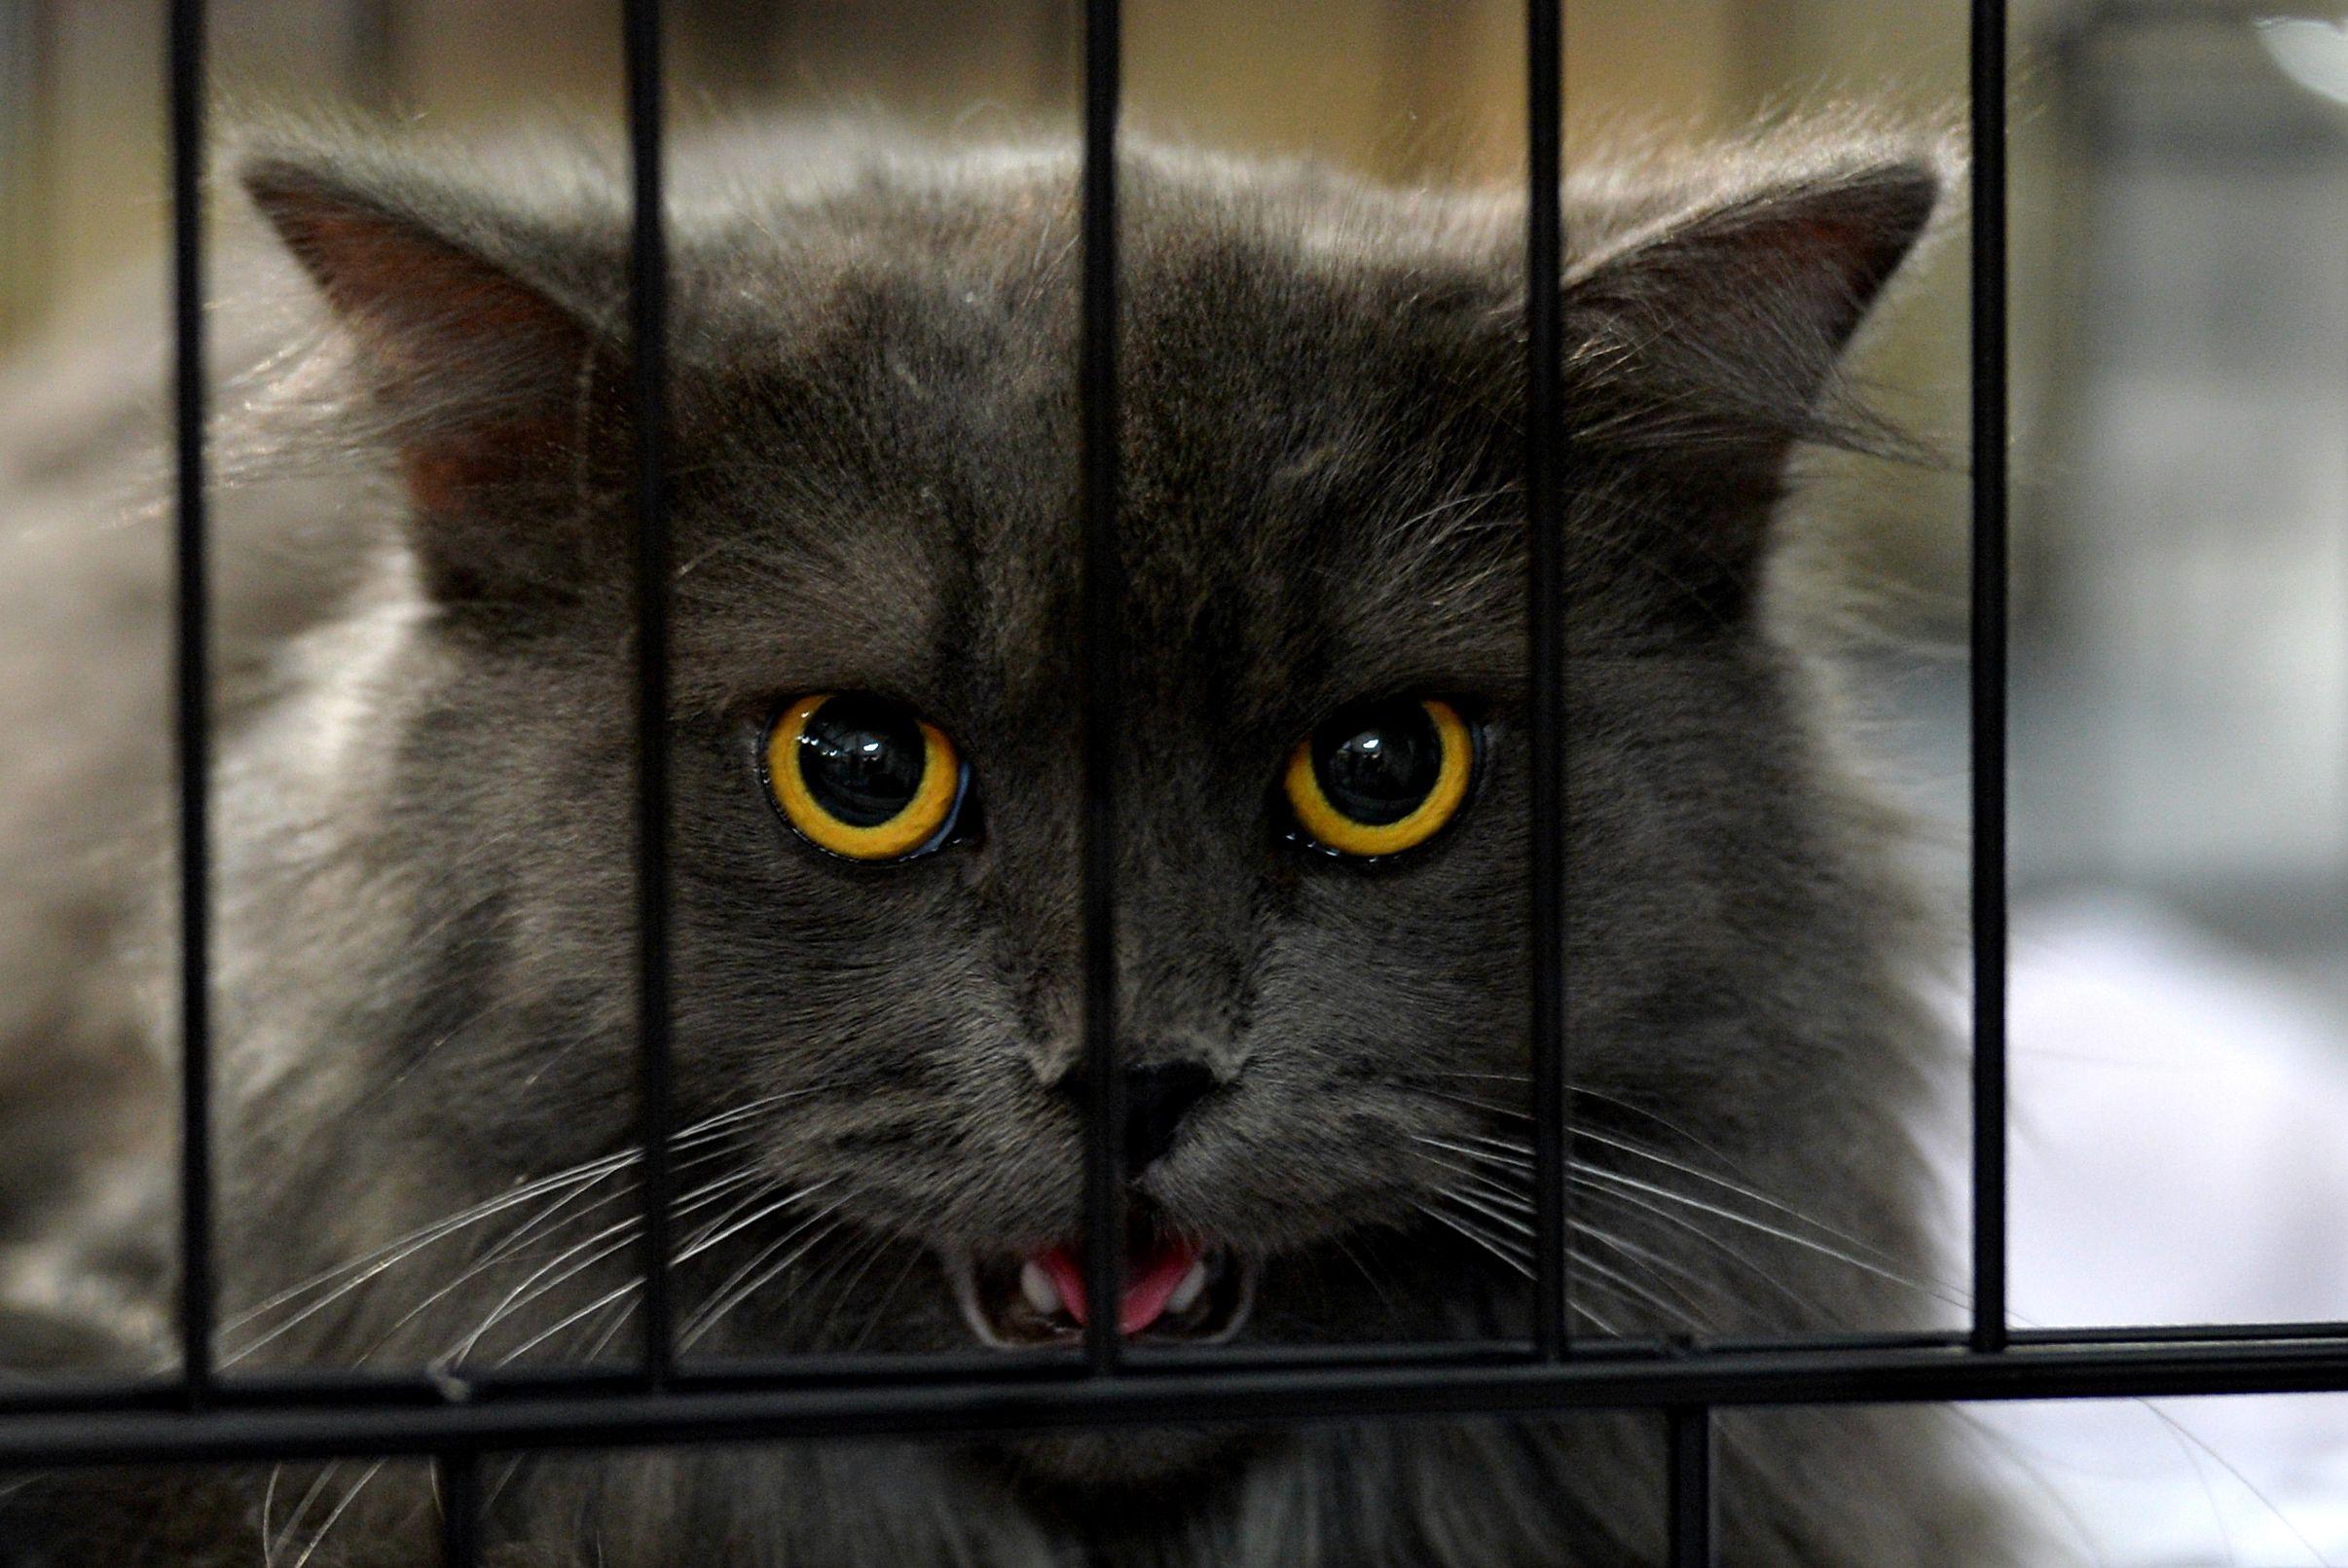 قطة داخل قفصها خلال المعرض الدولى بالهند